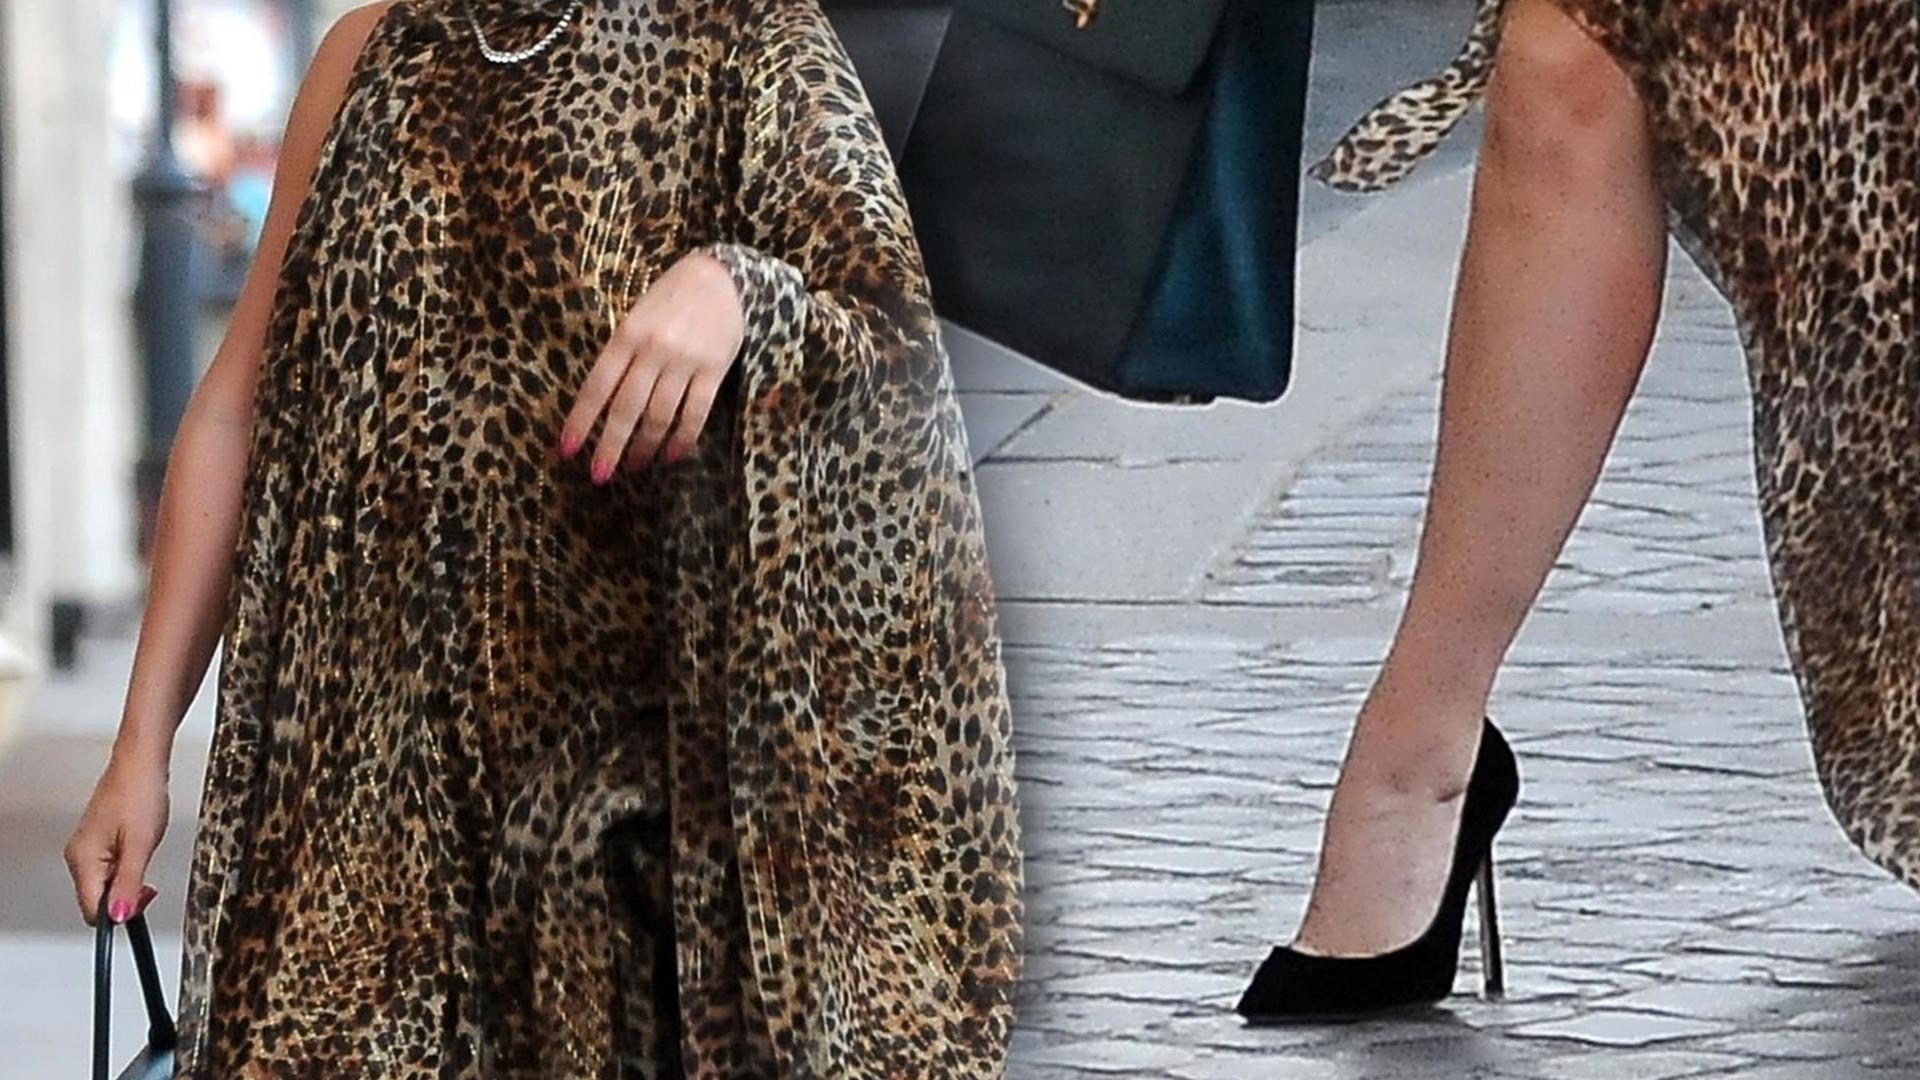 Nosiła najbardziej kontrowersyjne stroje w Hollywood. Teraz pokazała się w szpilkach i sukience w panterkę (ZDJĘCIA)